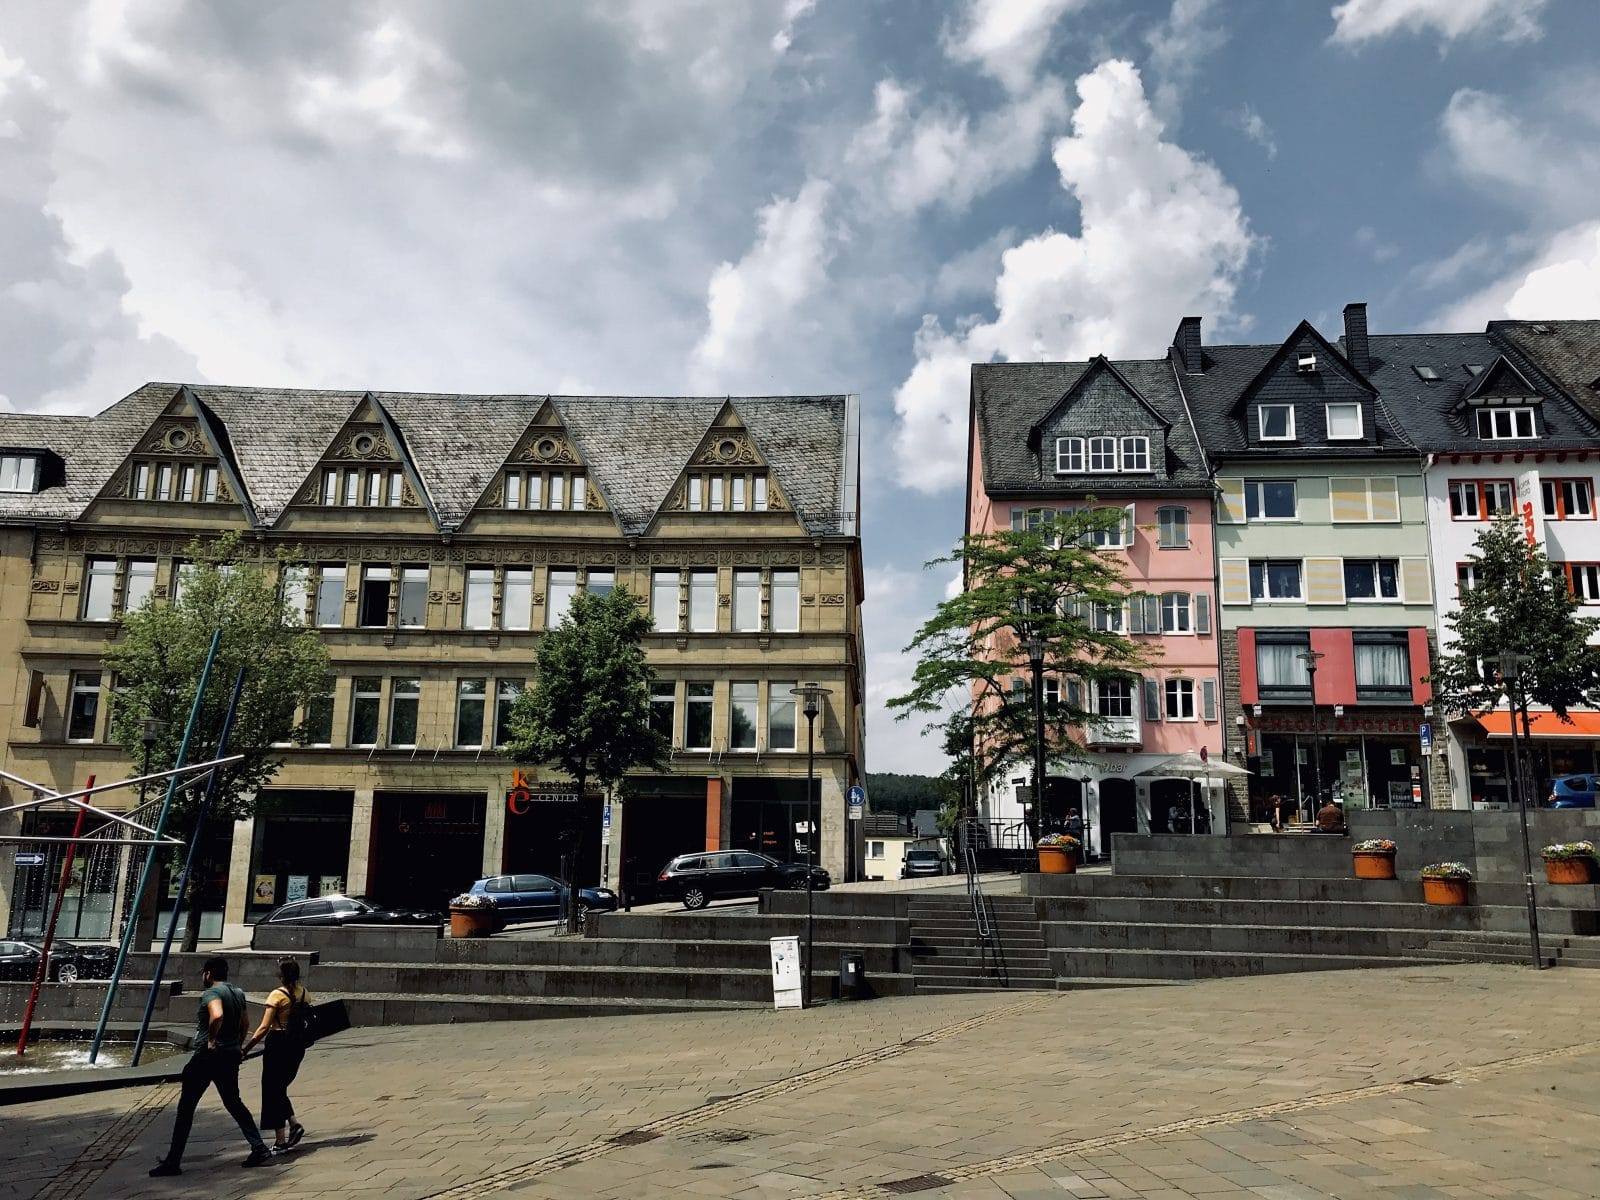 die Oberstadt in Siegen am Marktplatz